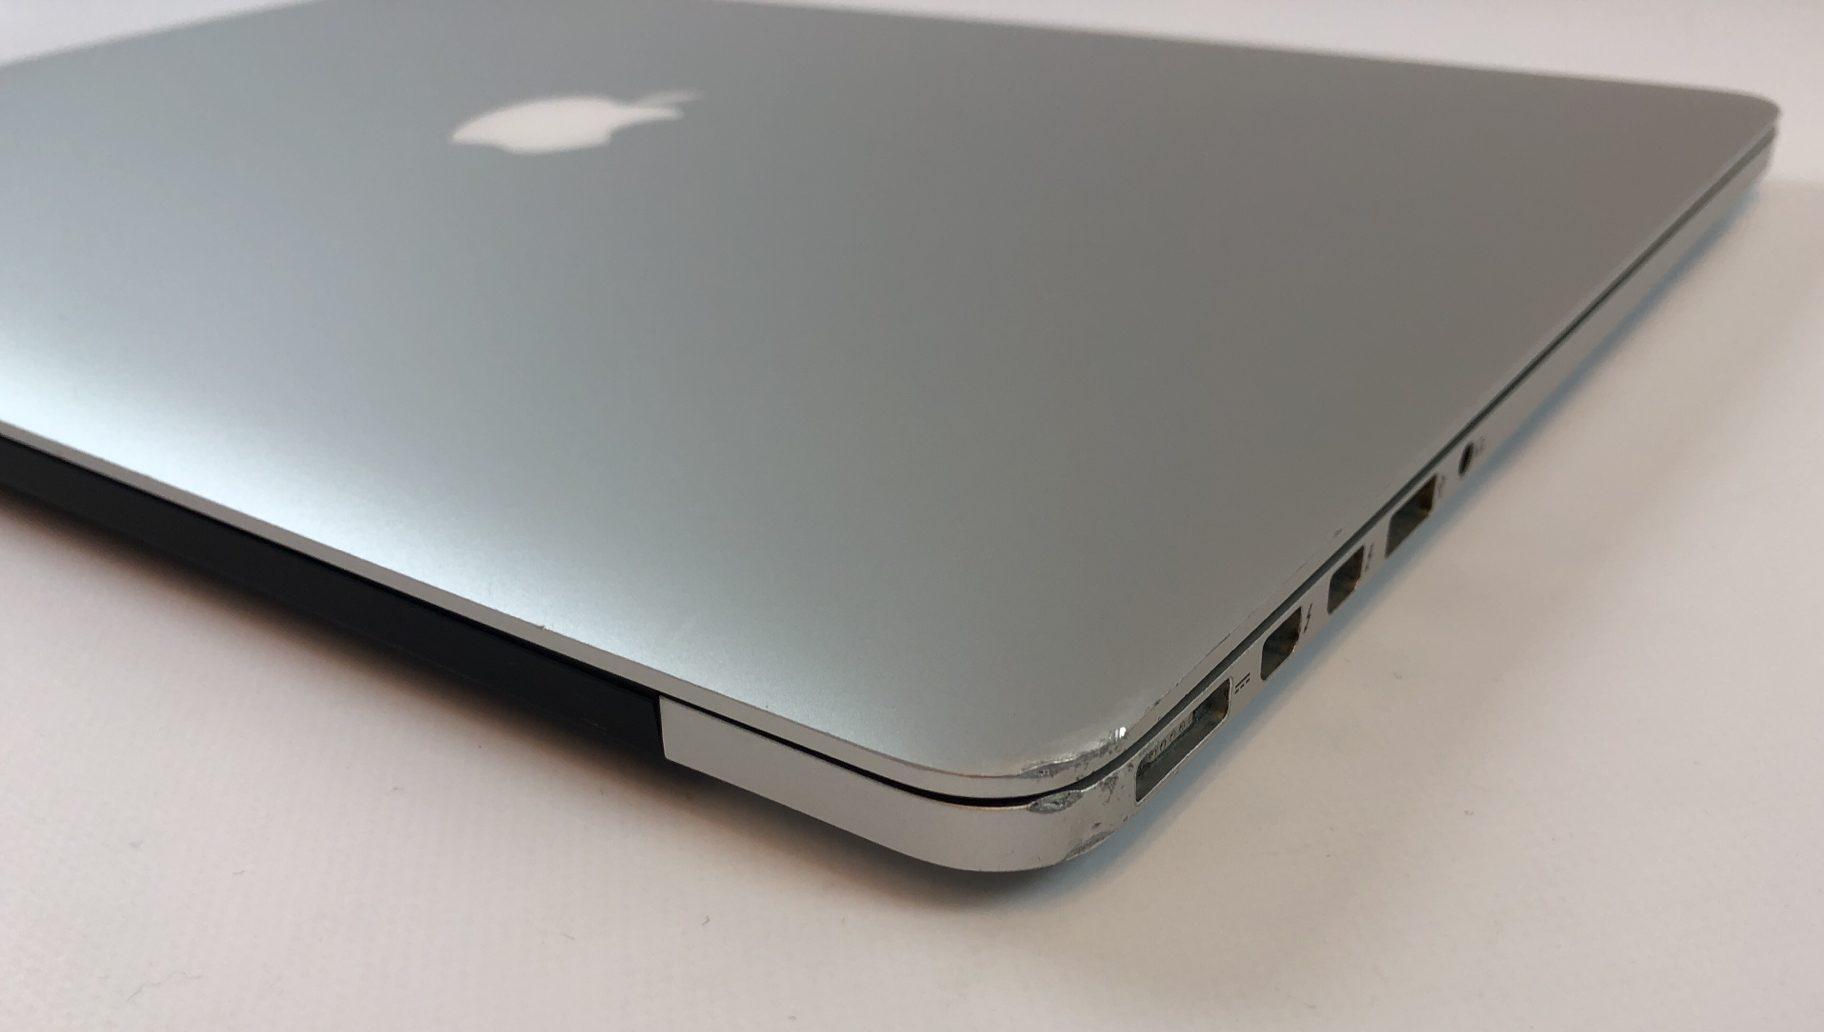 """MacBook Pro Retina 15"""" Mid 2015 (Intel Quad-Core i7 2.2 GHz 16 GB RAM 512 GB SSD), Intel Quad-Core i7 2.2 GHz, 16 GB RAM, 512 GB SSD, Kuva 3"""